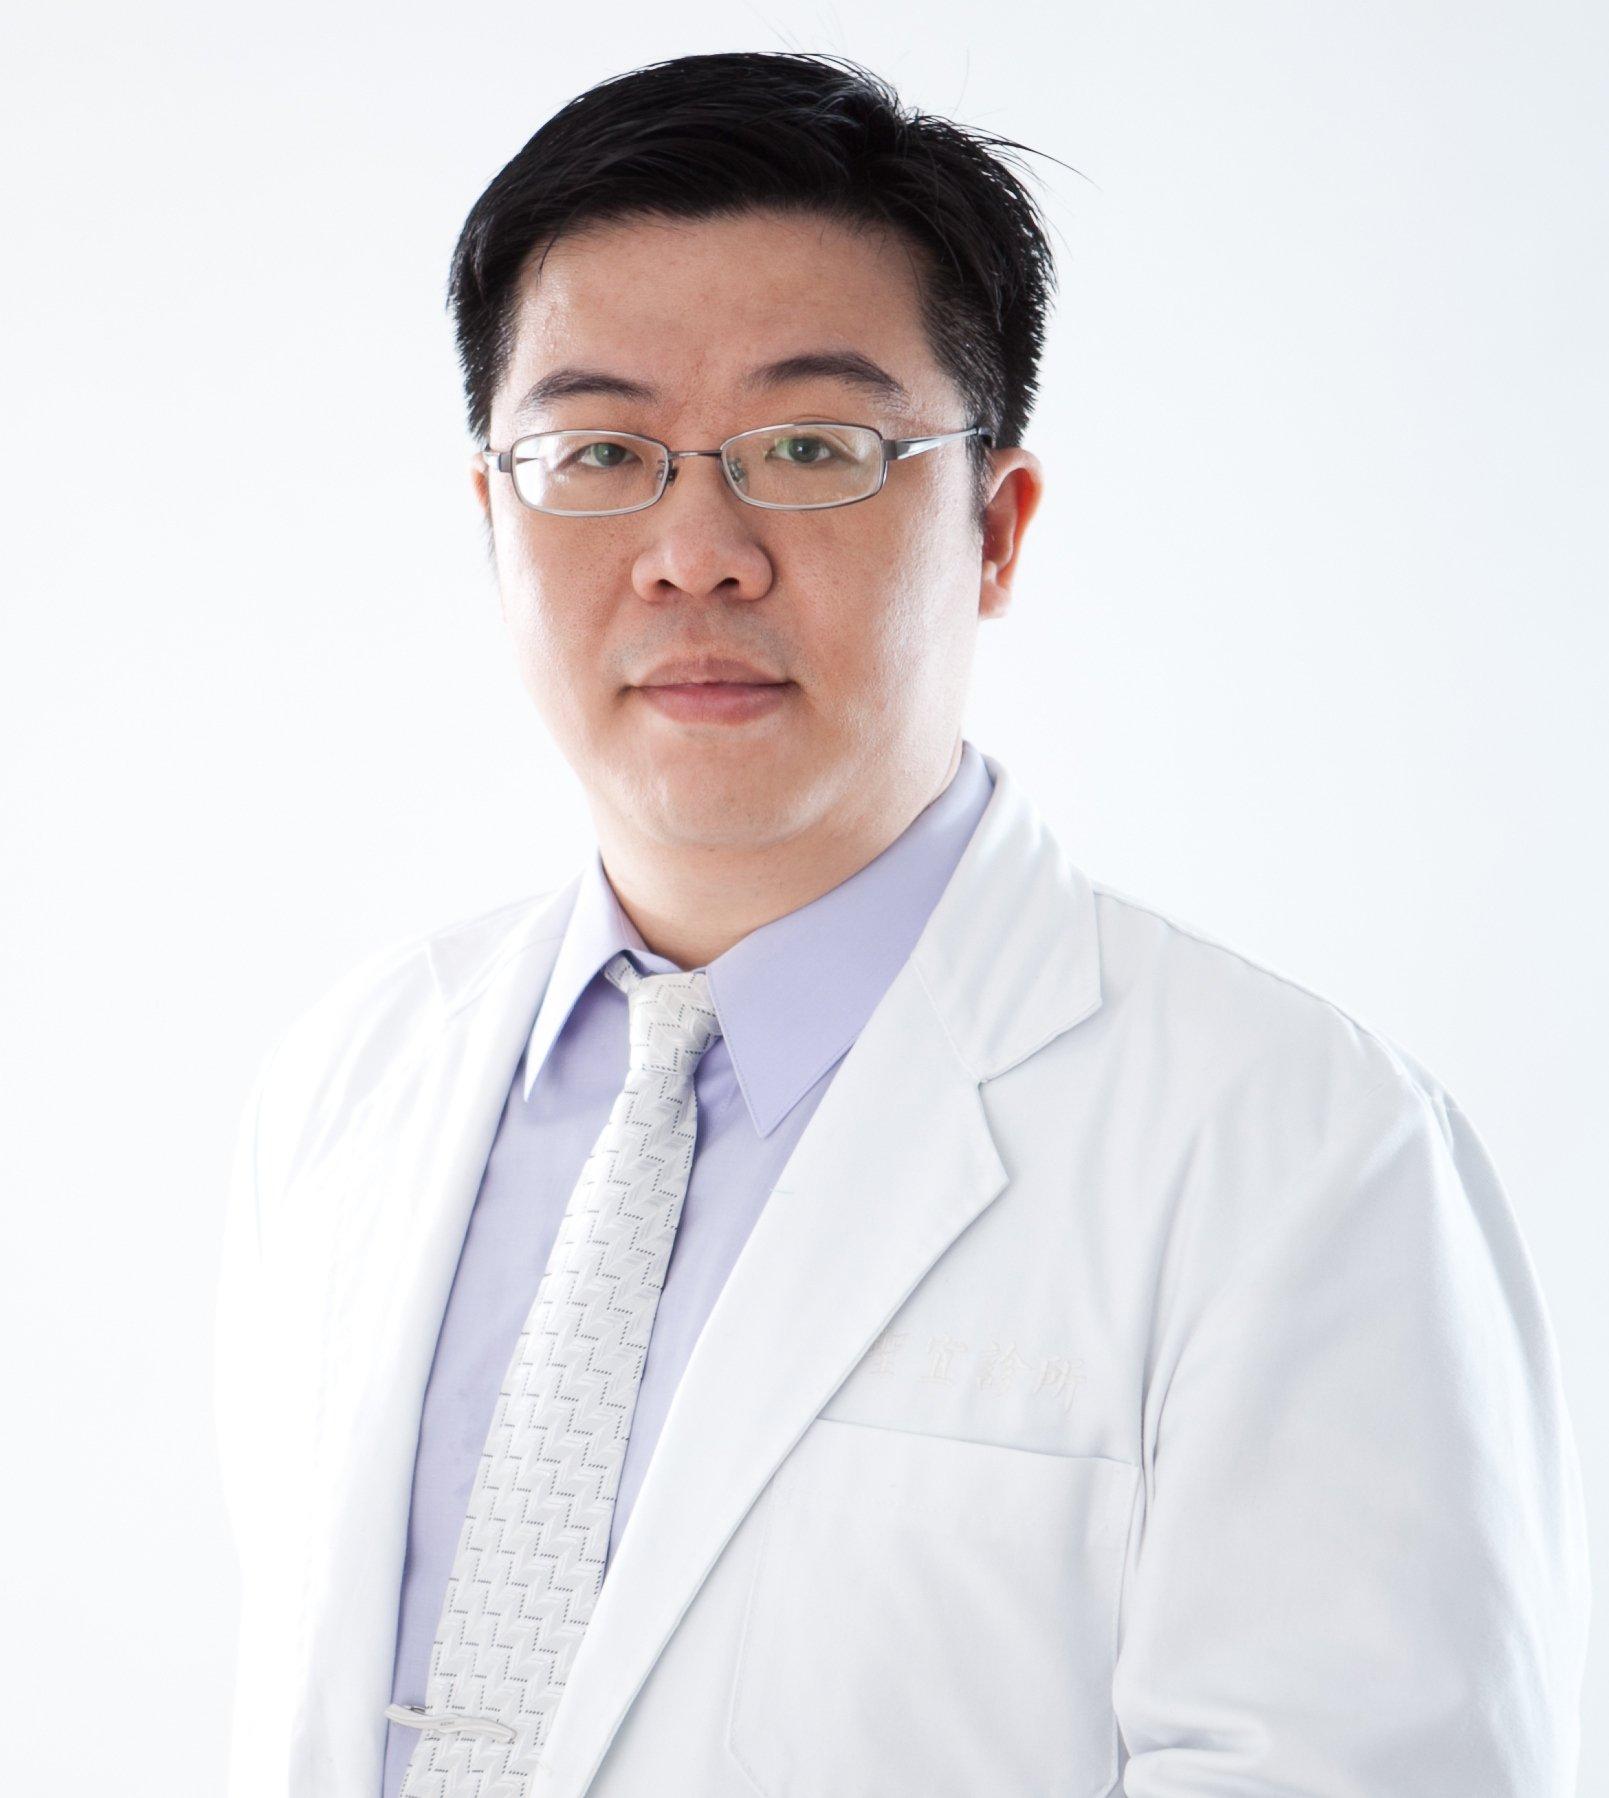 隆乳權威|隆乳|隆乳手術 - 林敬鈞醫師